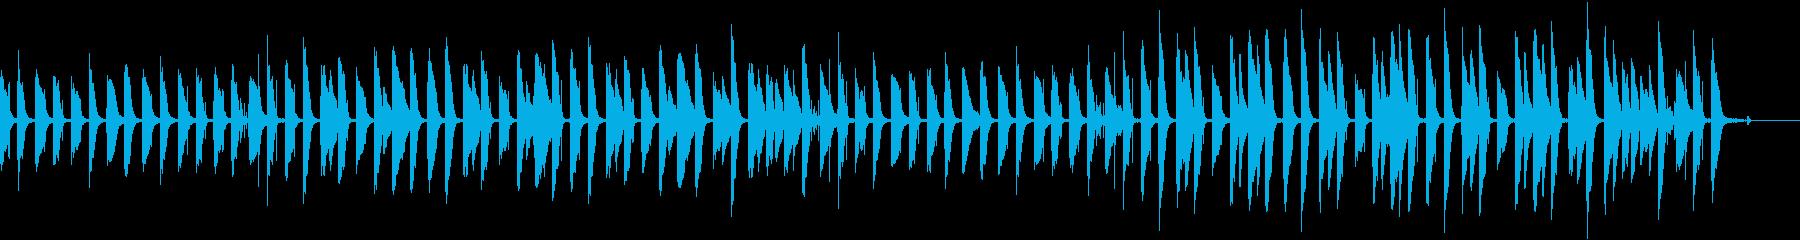 ゆるいピアノのほのぼのBGMの再生済みの波形